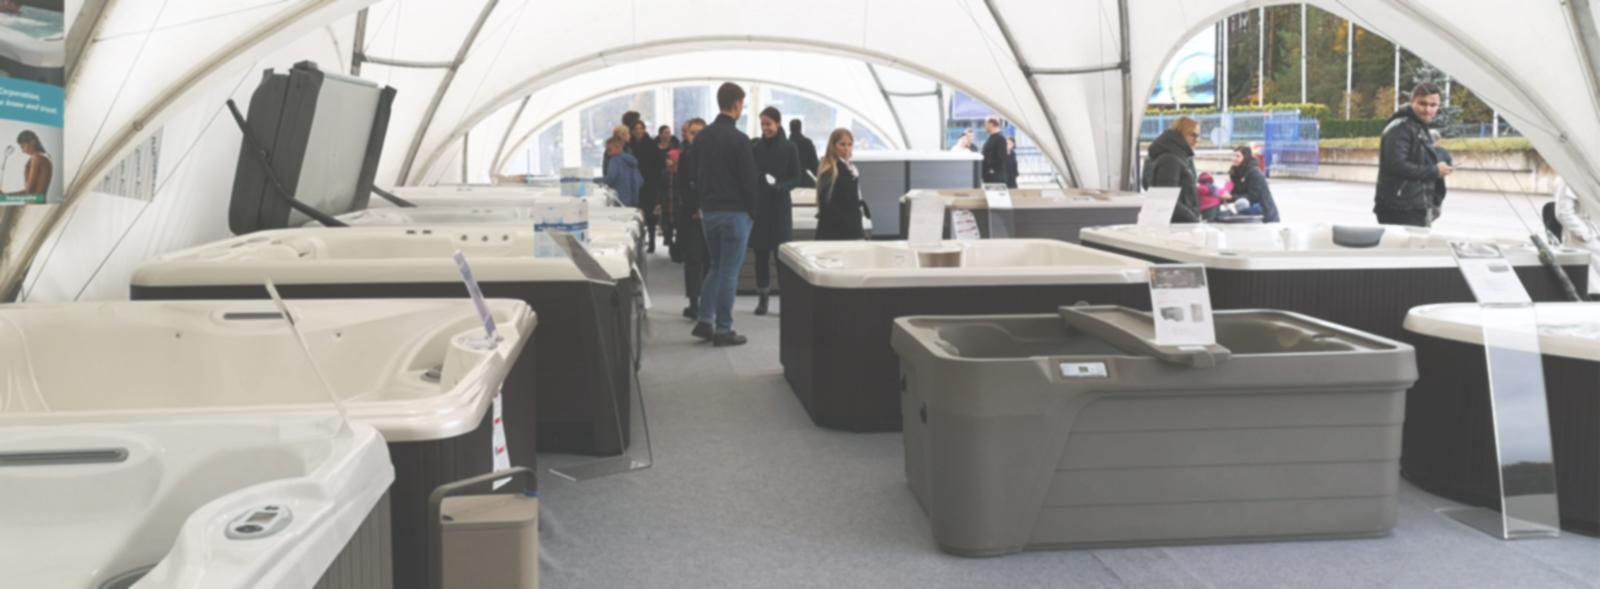 HOT TUBE EXPO masažinių baseinų paroda